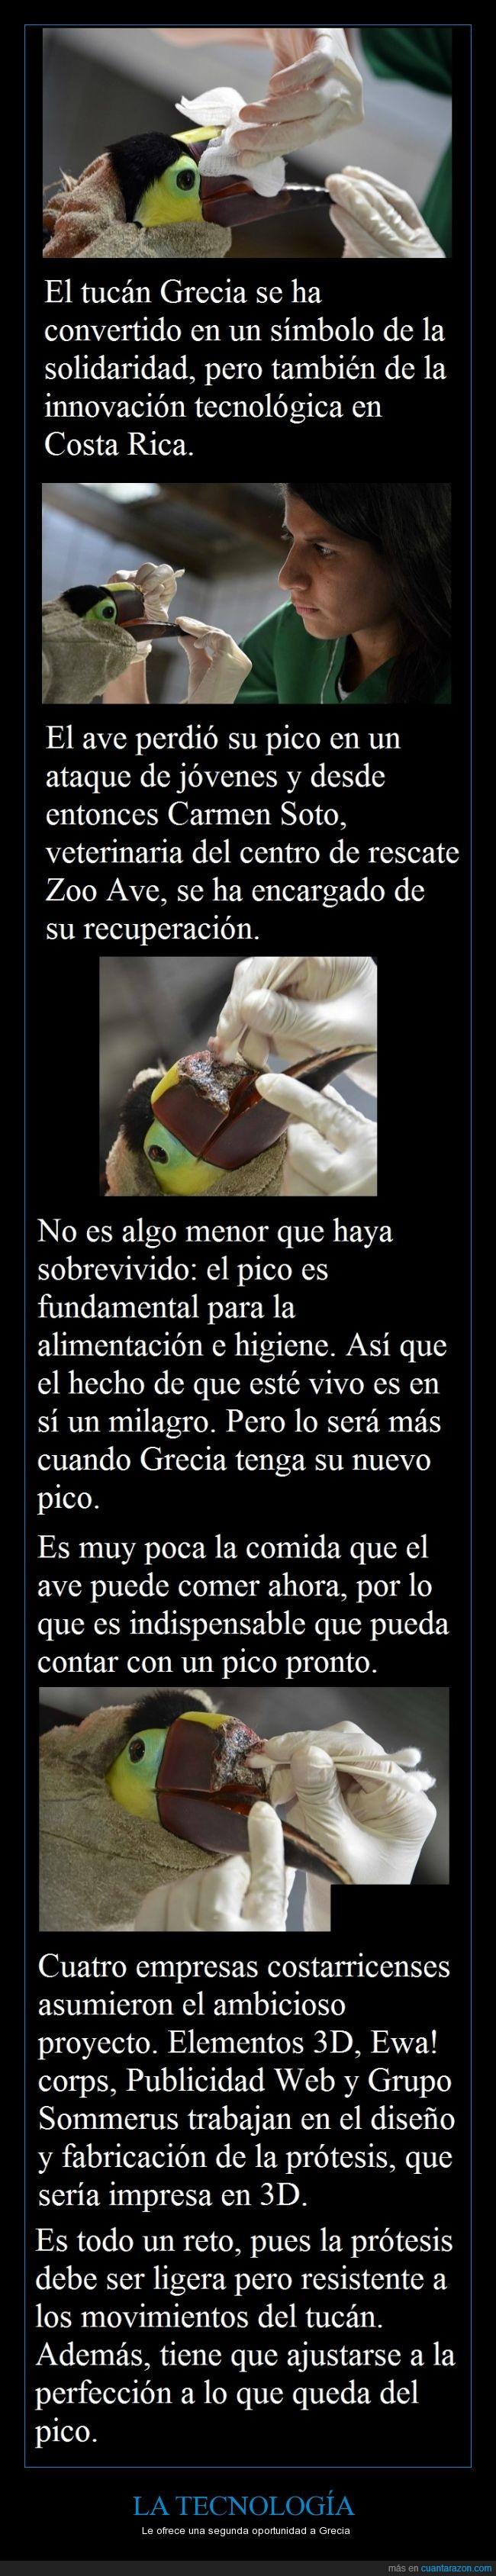 Costa Rica,gecia,impresoras 3d,protesis,que hdp quien le hizo eso al pobre animalito,segunda oportunidad,tecnologia,ticos,tucan